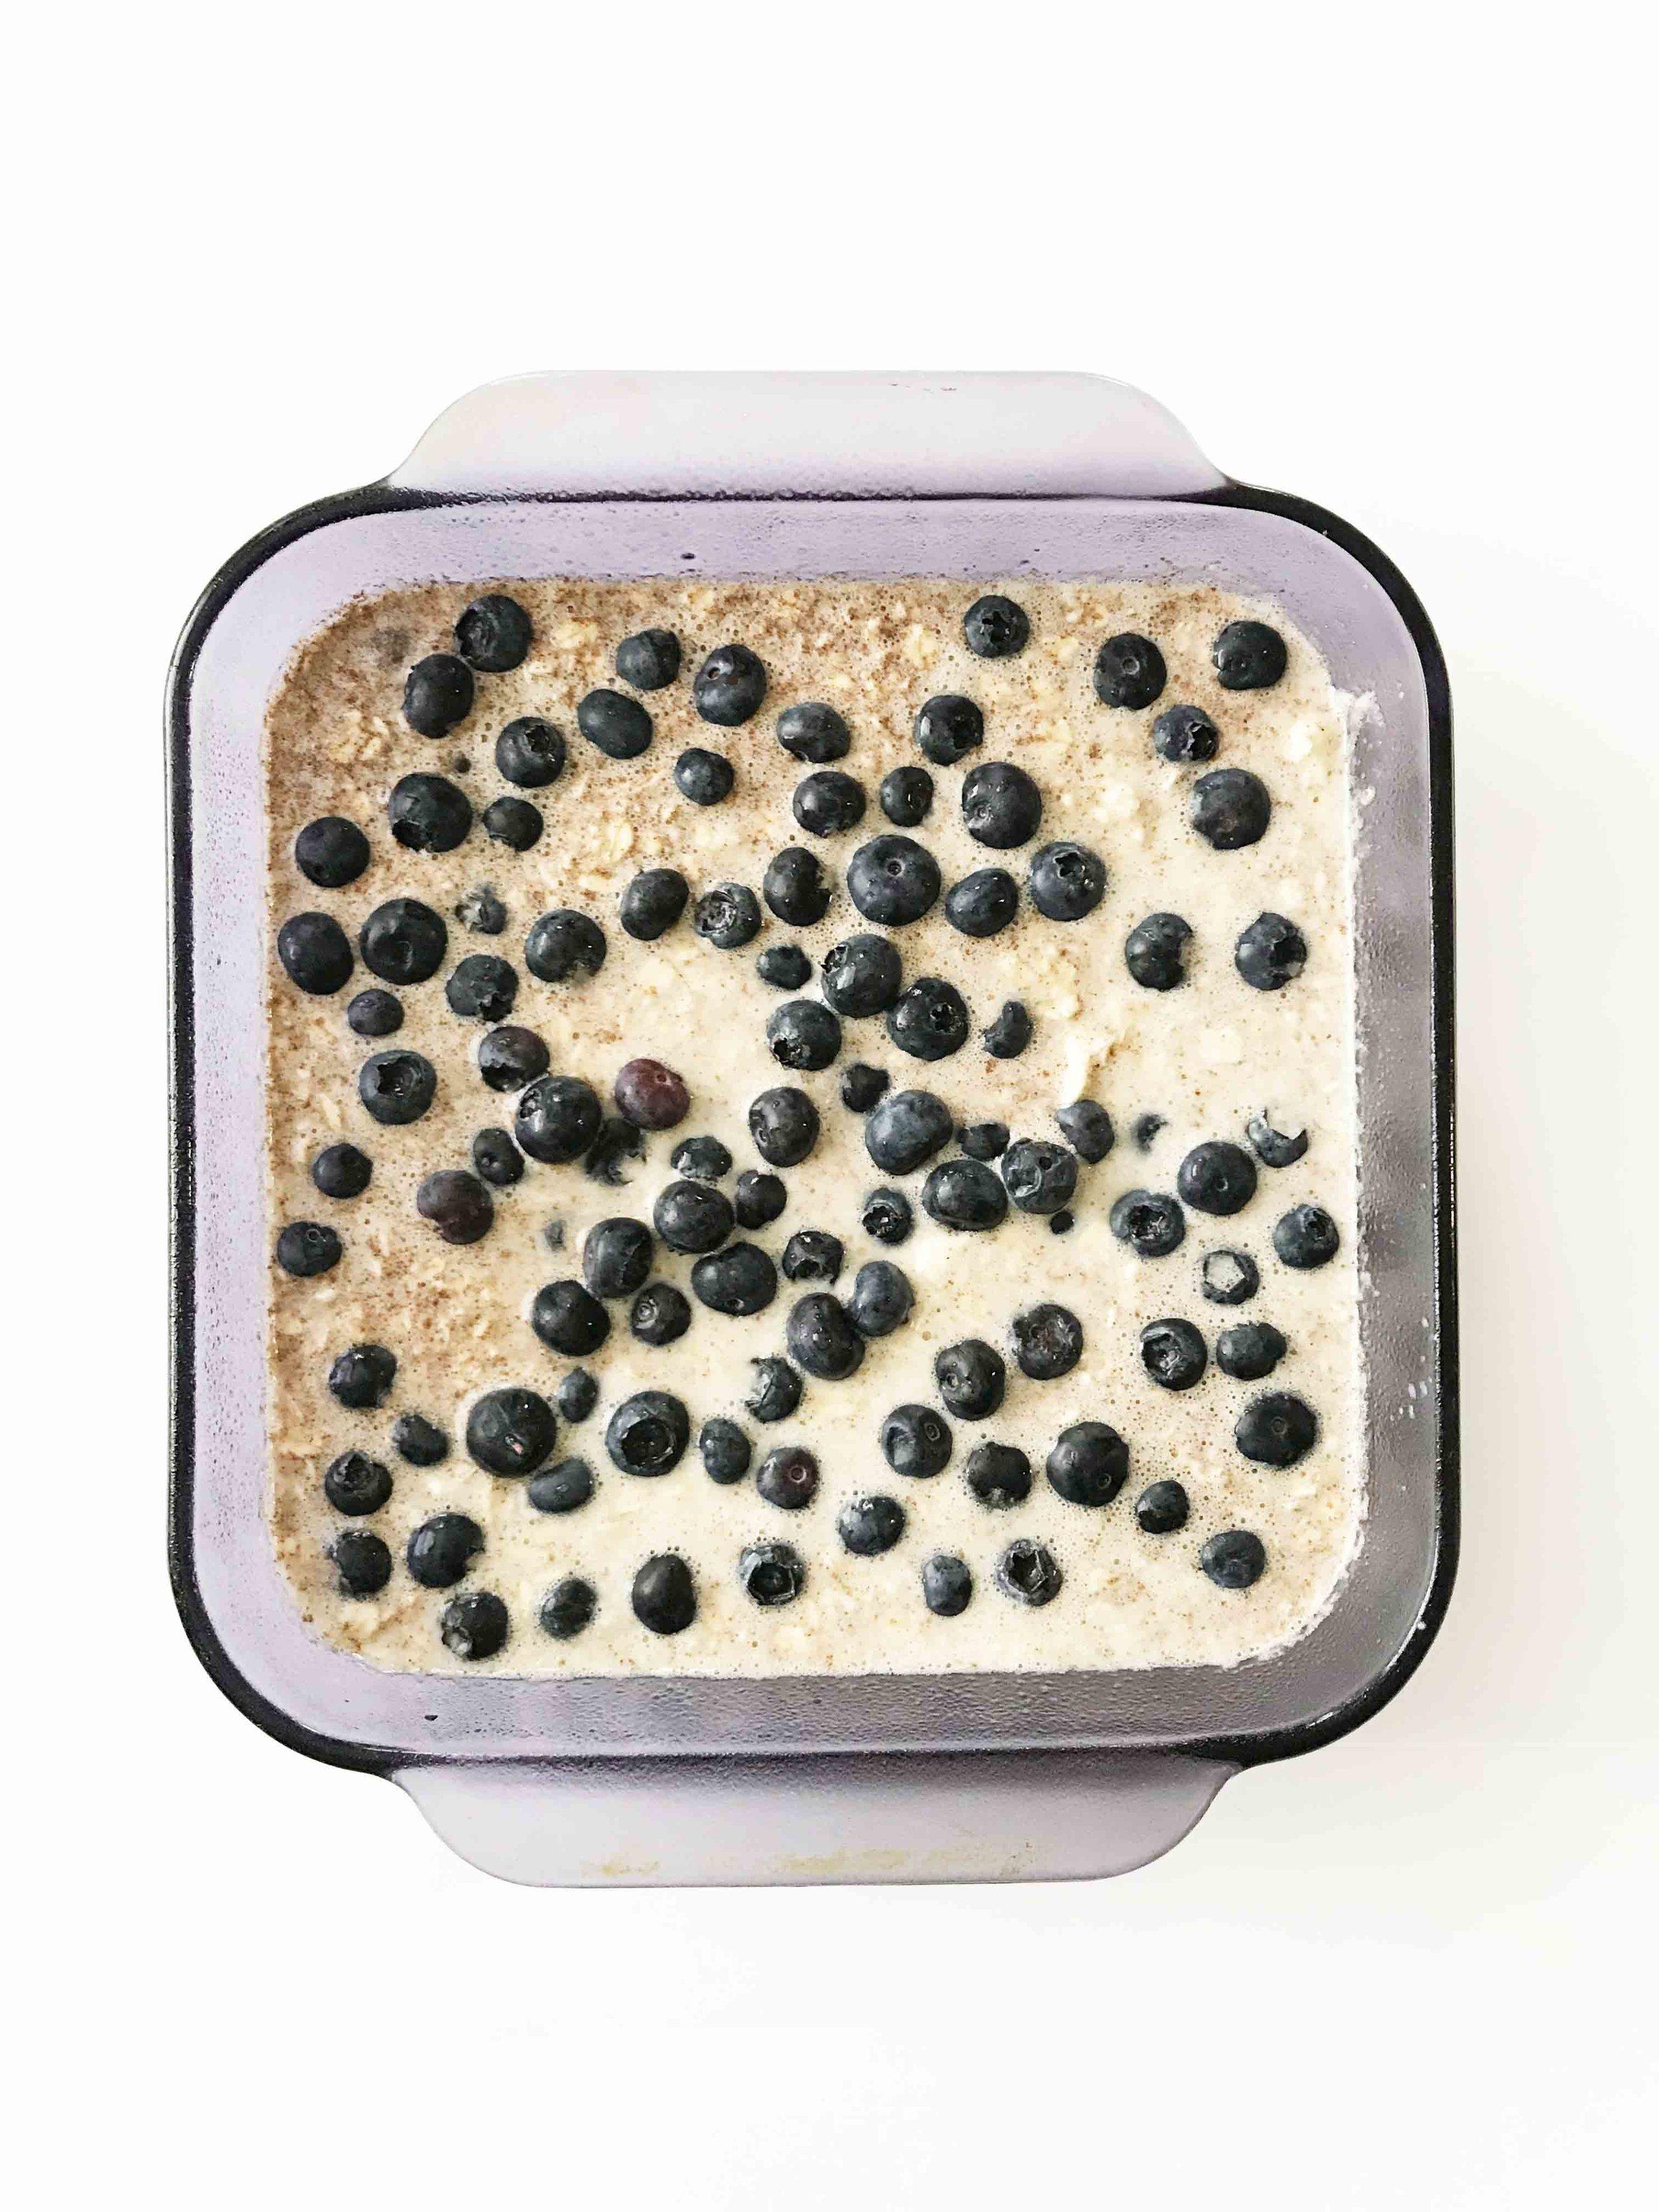 baked-blueberry-oatmeal5.jpg